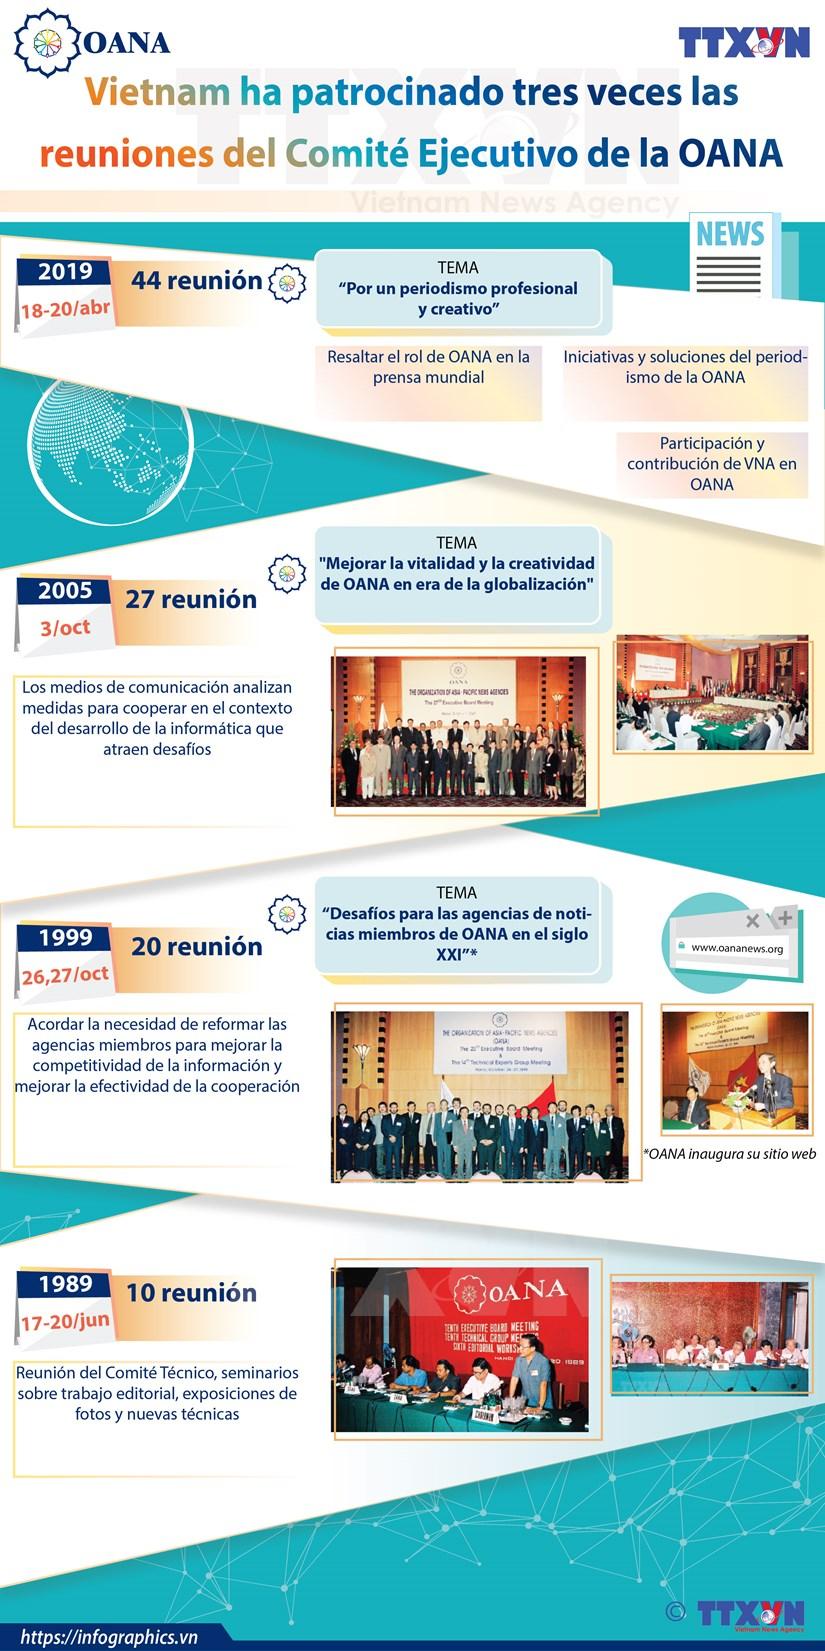 [Info] Vietnam organiza 44 reunion del Comite Ejecutivo de la OANA hinh anh 1